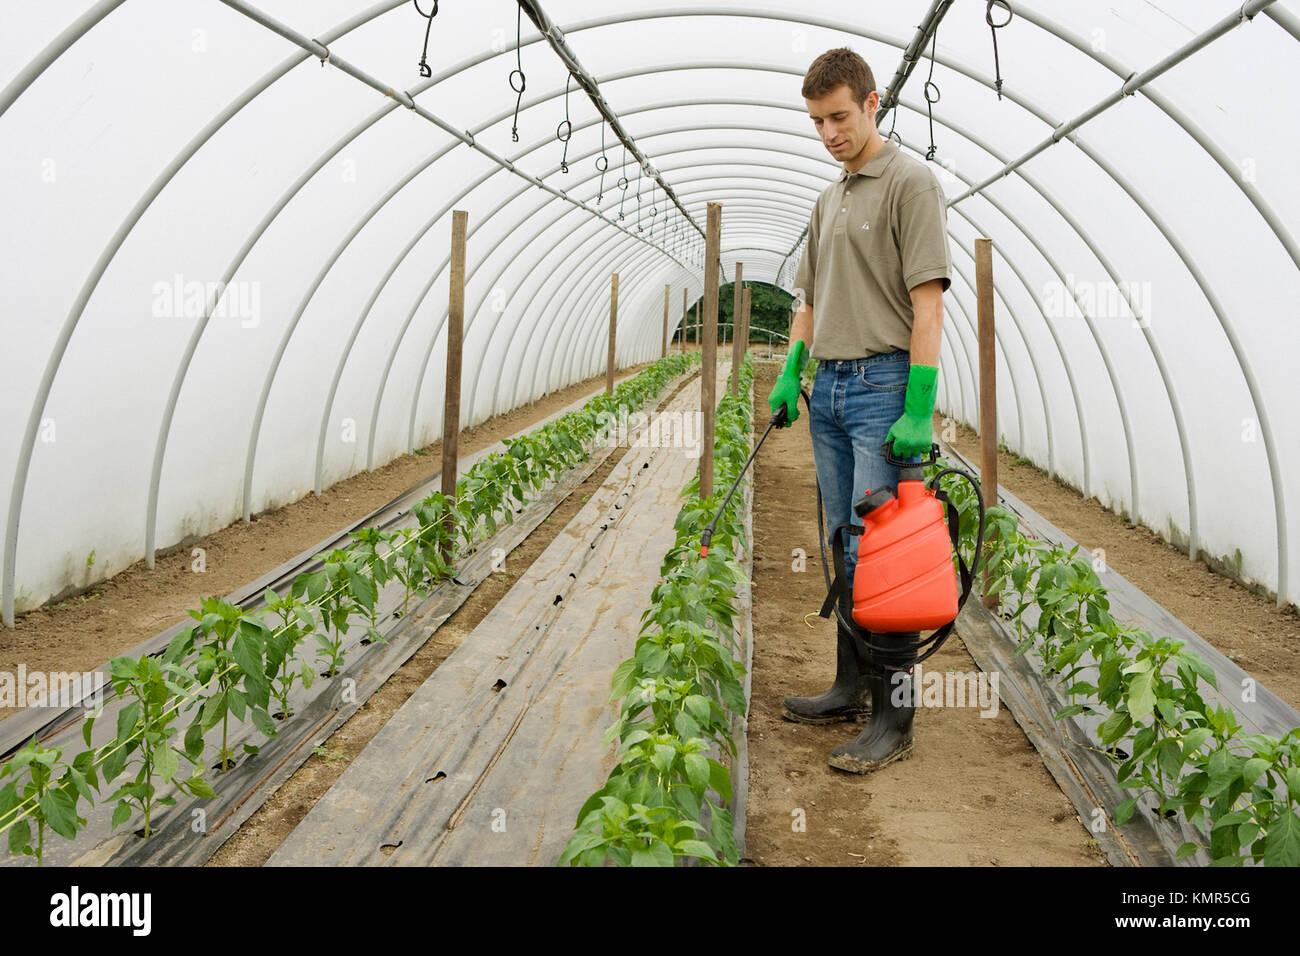 Grüner Pfeffer pflanze Behandlung mit Feldspritze (Insektizide, Pestizide). Gewächshaus. Die landwirtschaftliche Stockbild